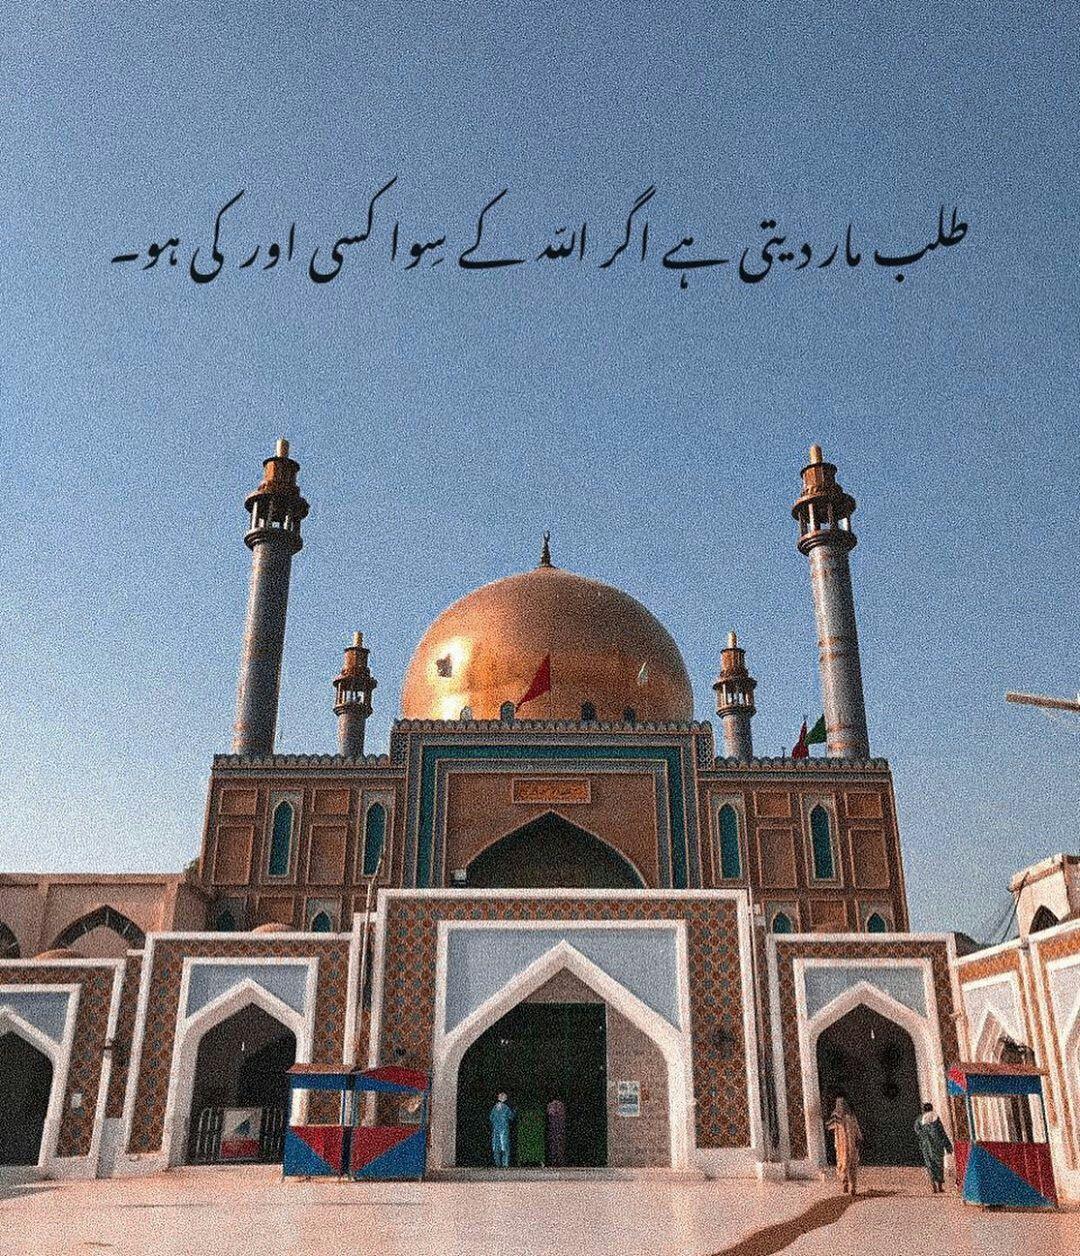 Pin by Asma Mujeer ∞ on aesthetics in 2020 Urdu poetry